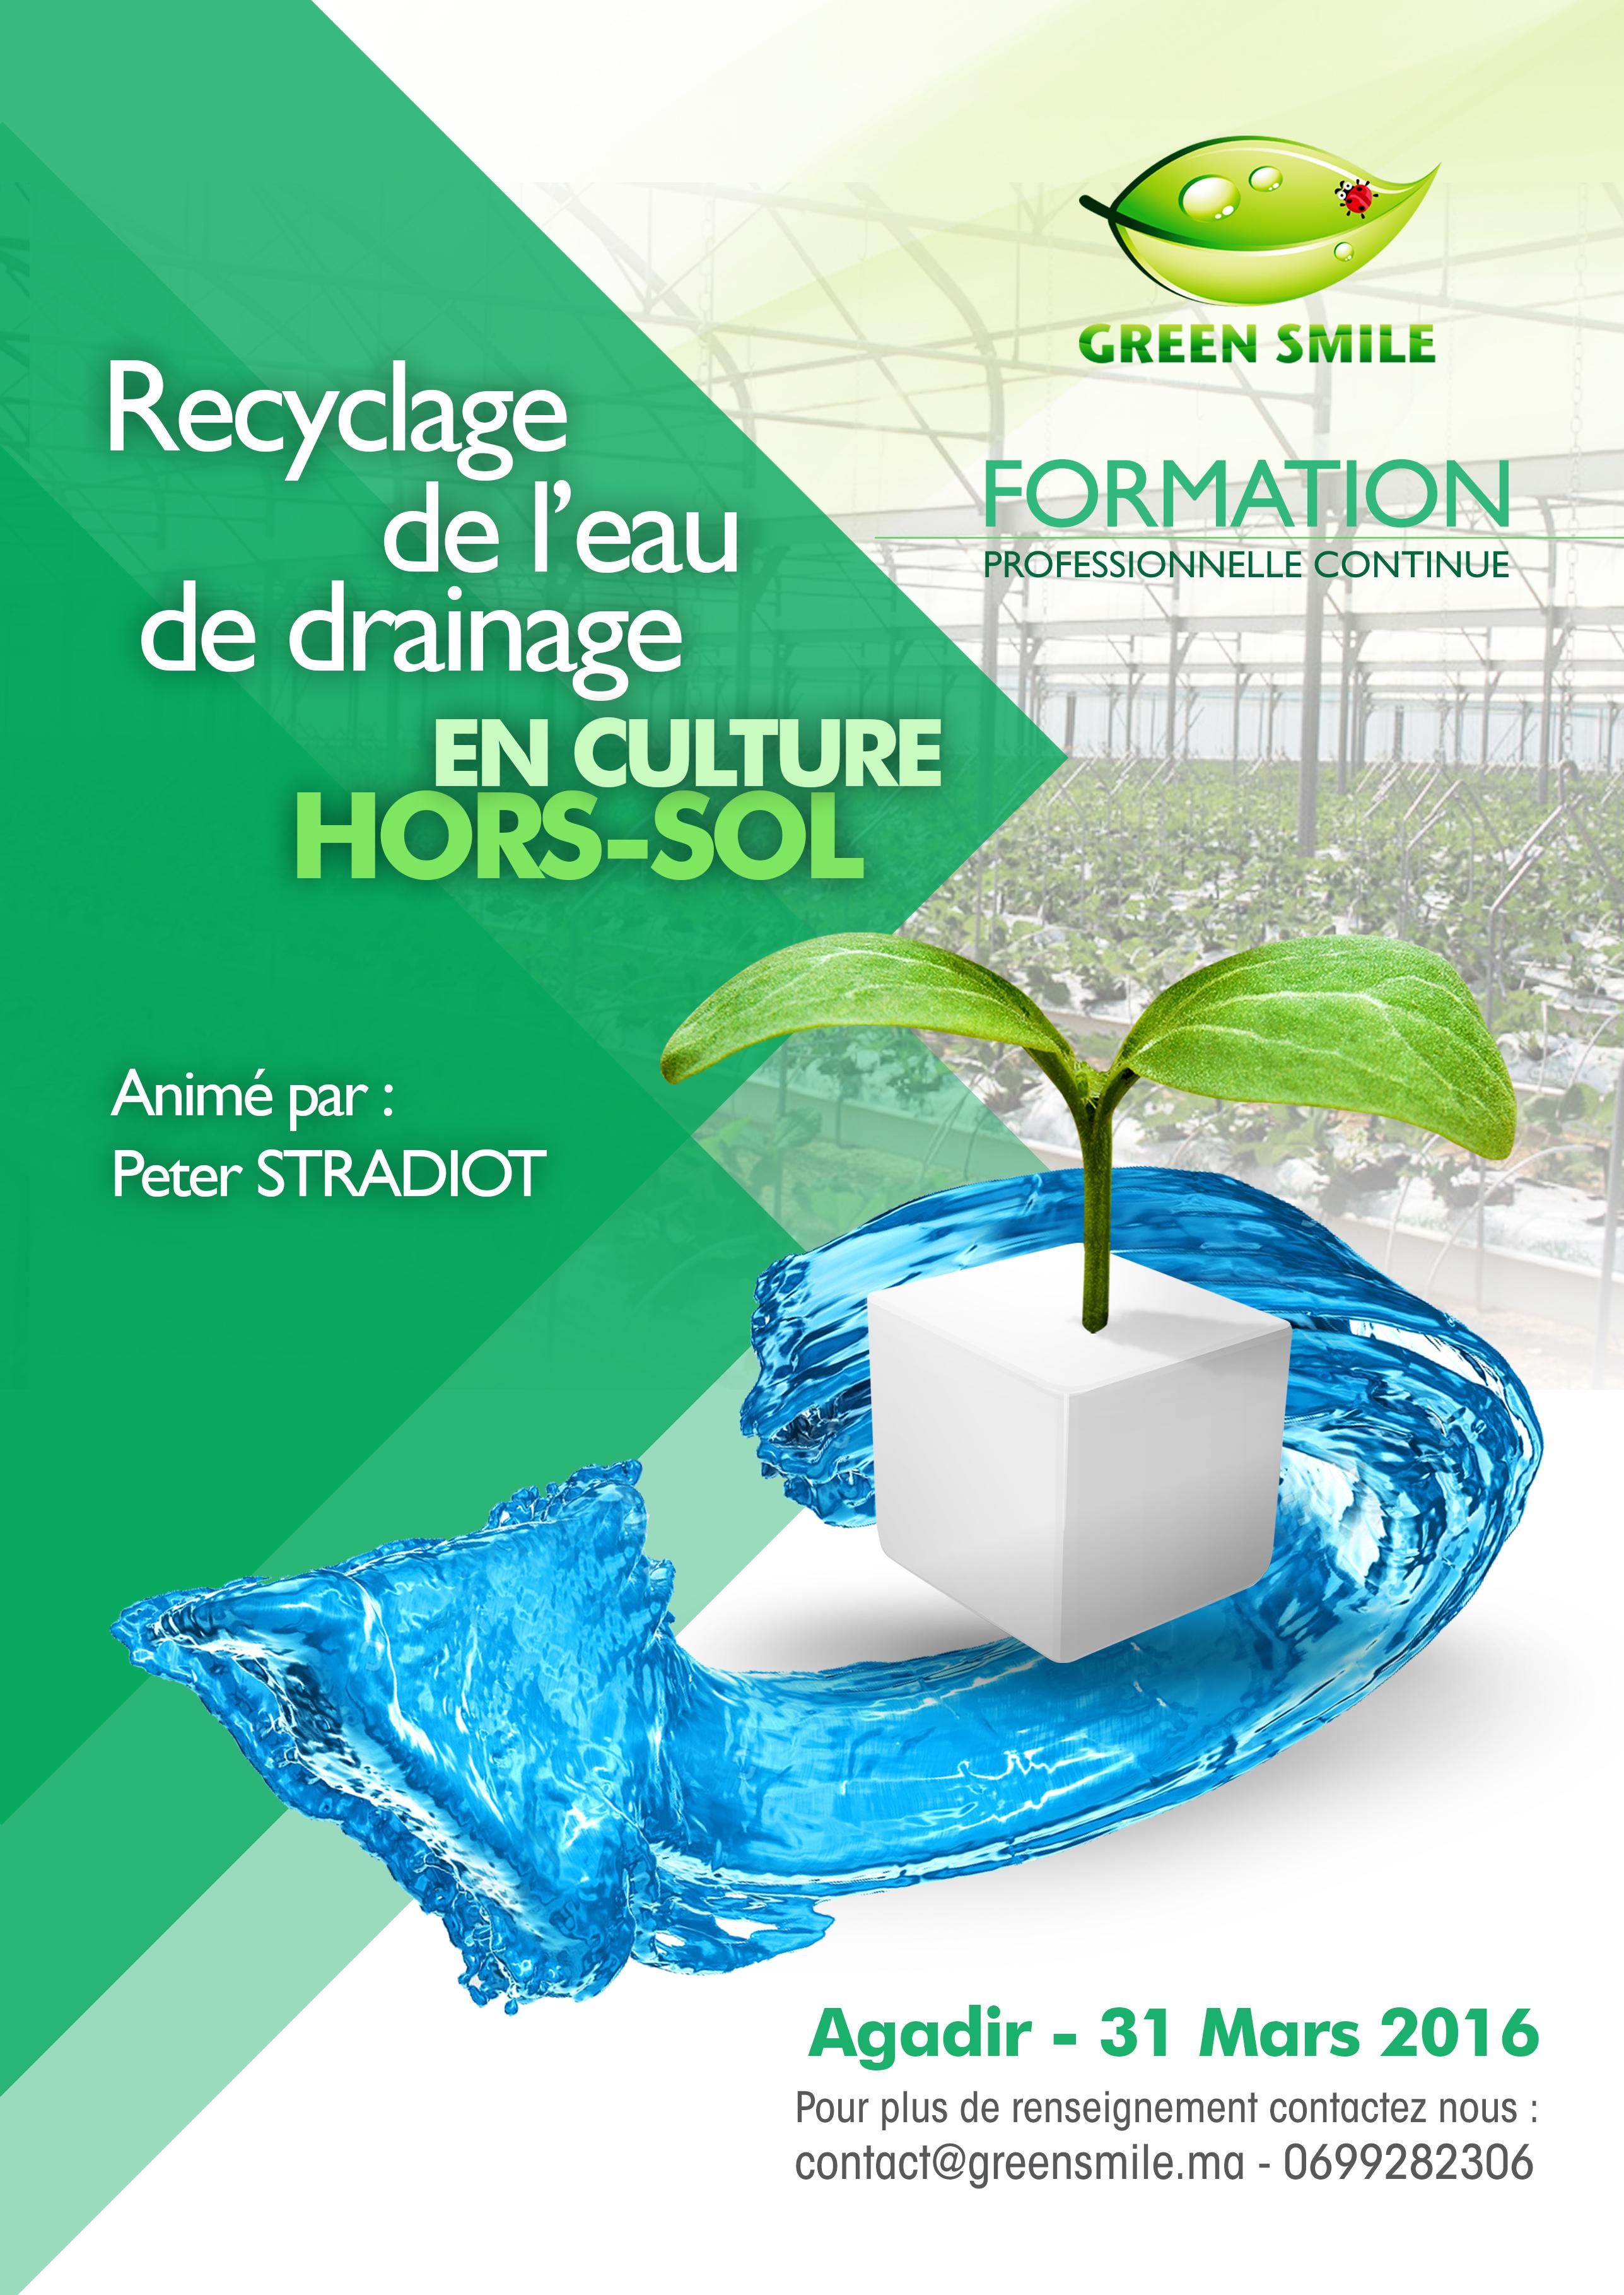 formation recyclage de l eau en culture hors sol affiche 2016-2